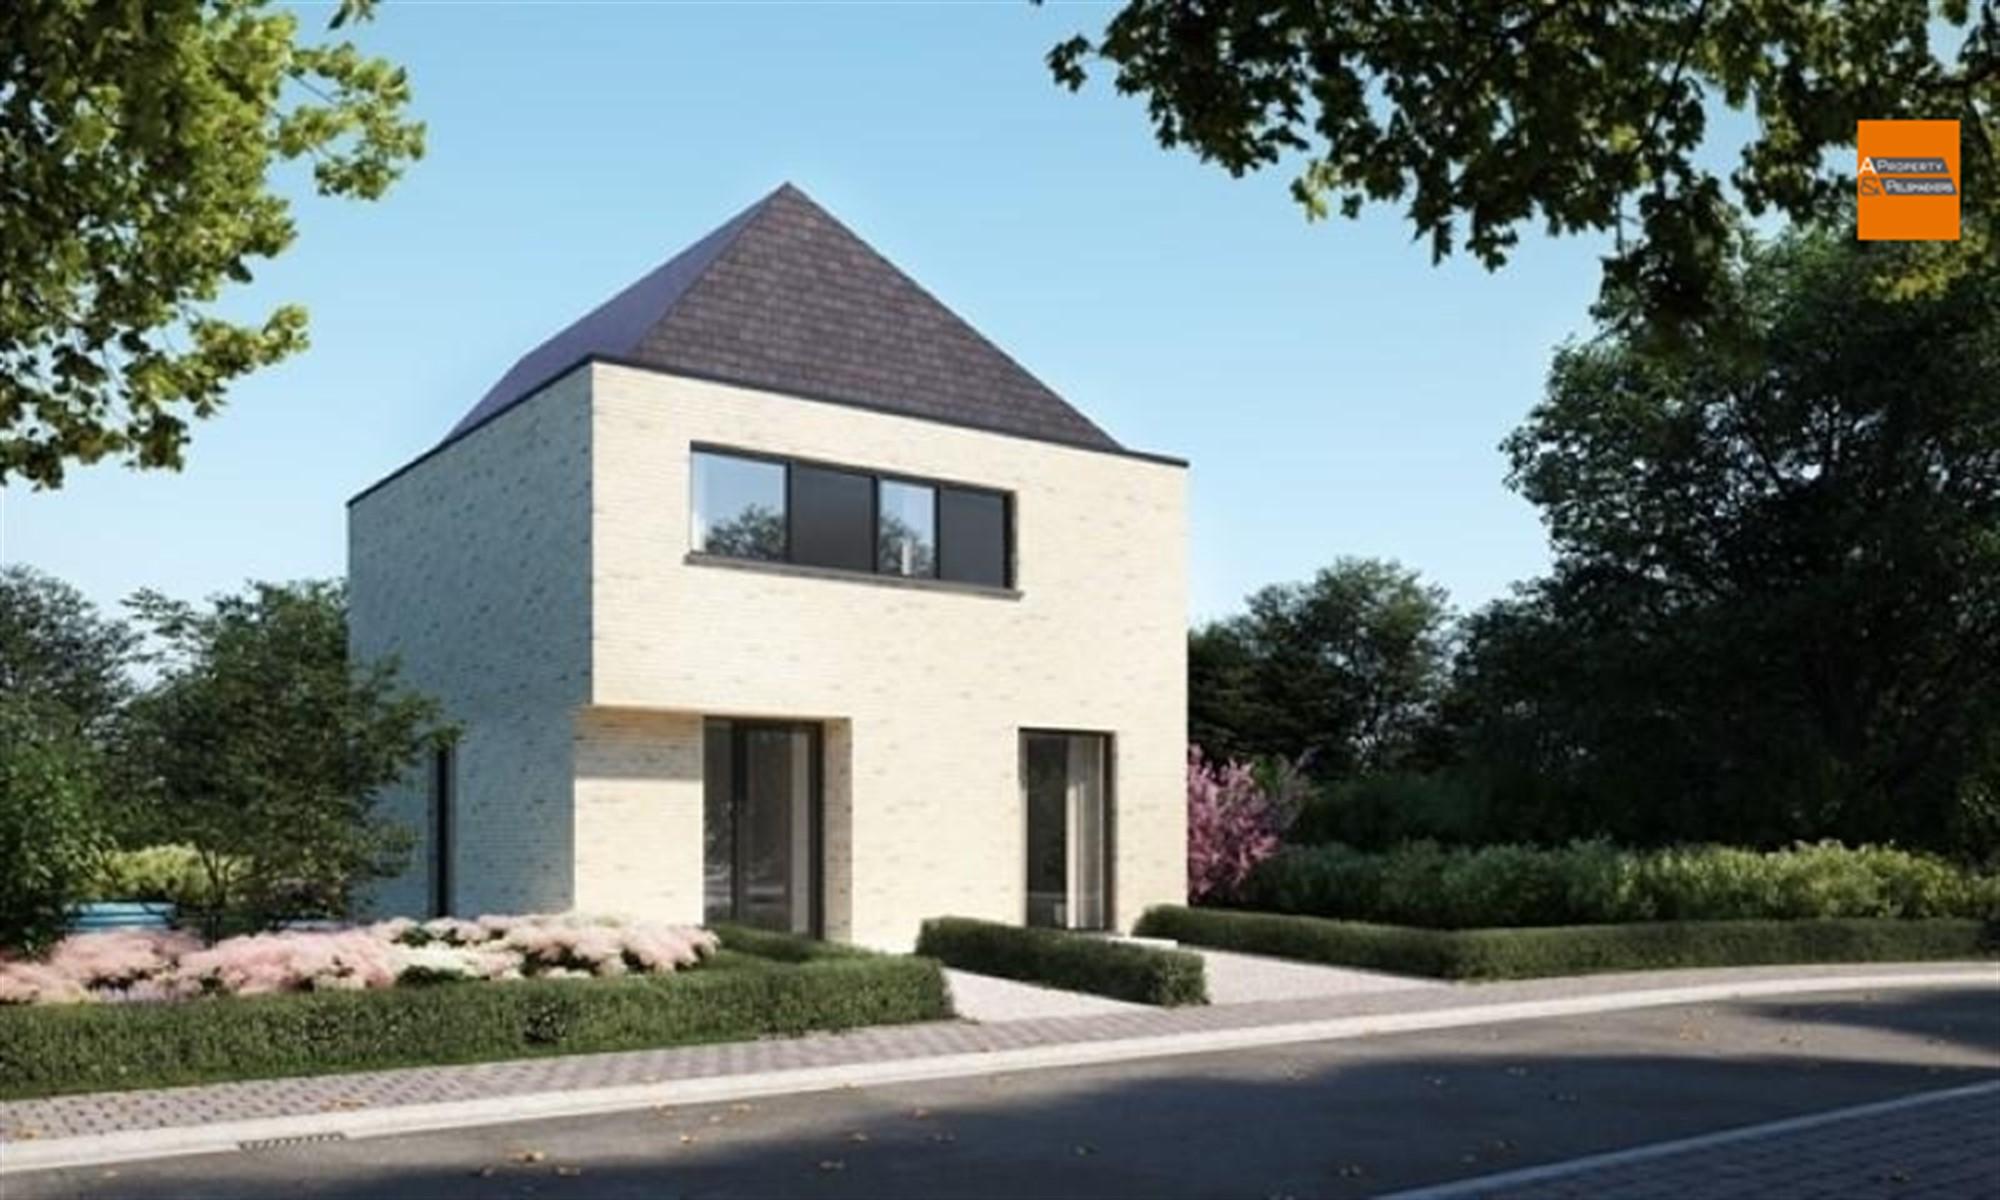 Projet immobilier : Project Varentstraat à ROTSELAAR (3118) - Prix